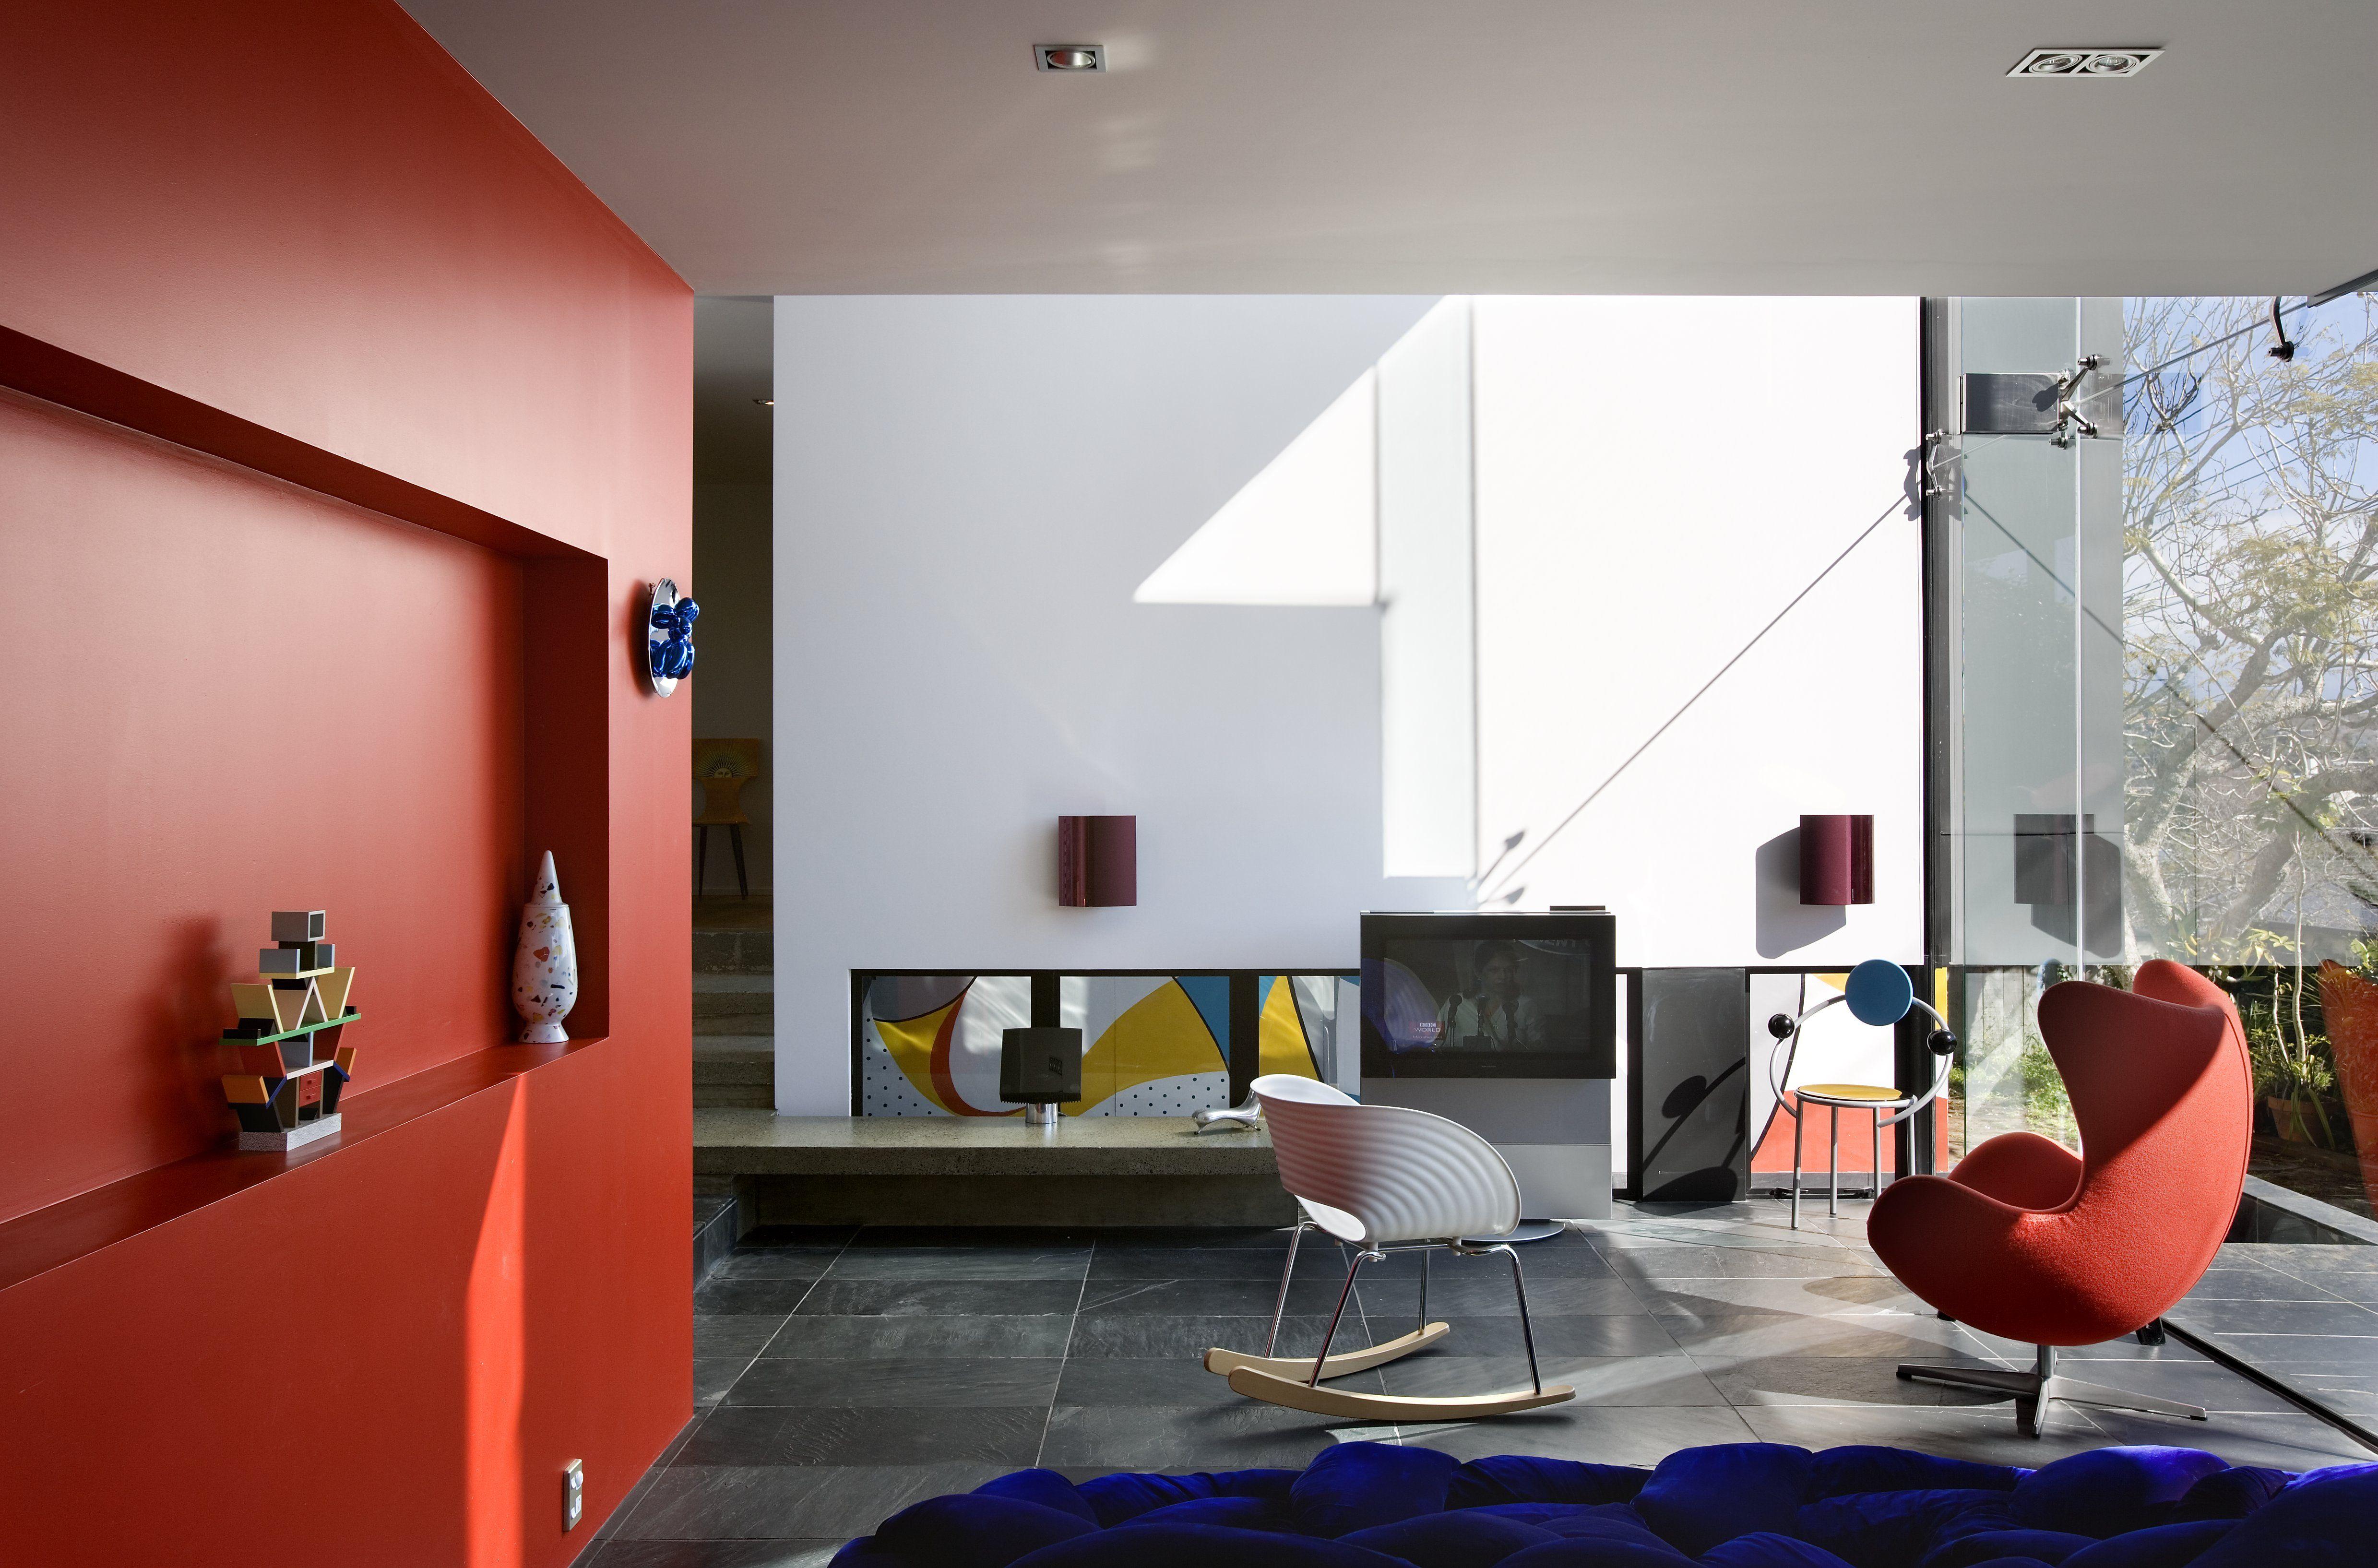 Home interior colour resene flame red feature wall  c o l o u r  p a t t e r n